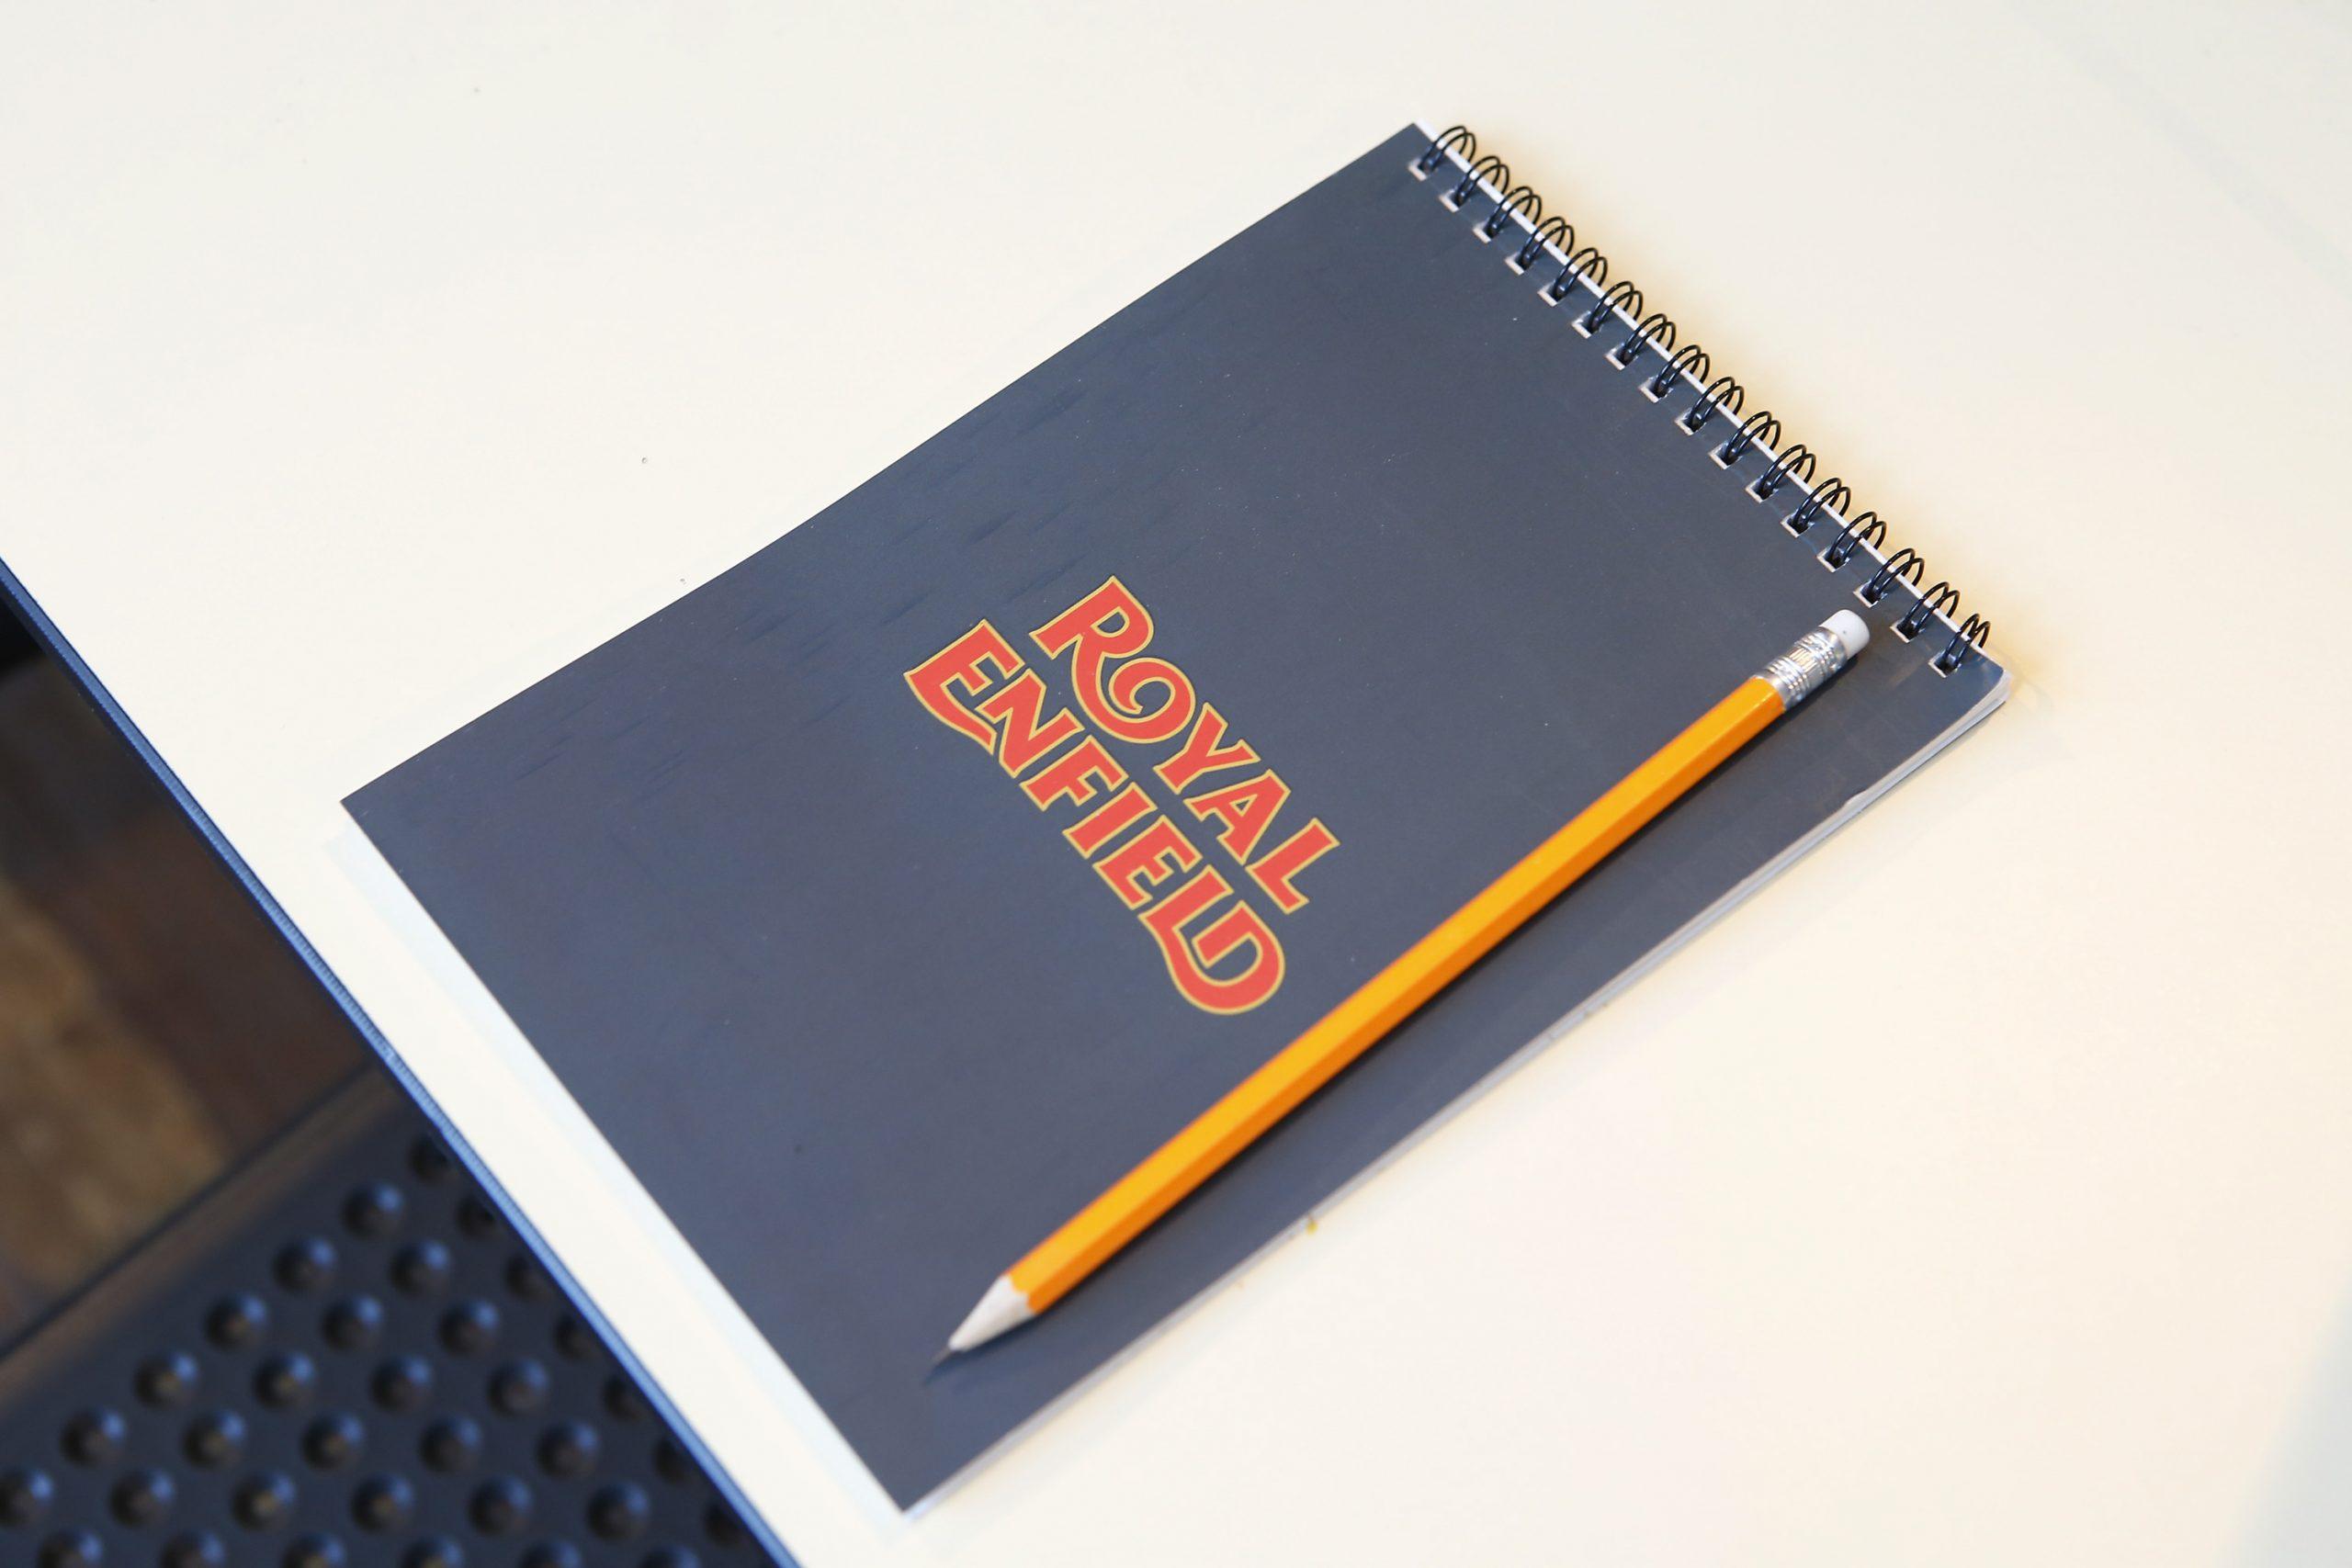 Foto portada cuaderno Royal Enfield